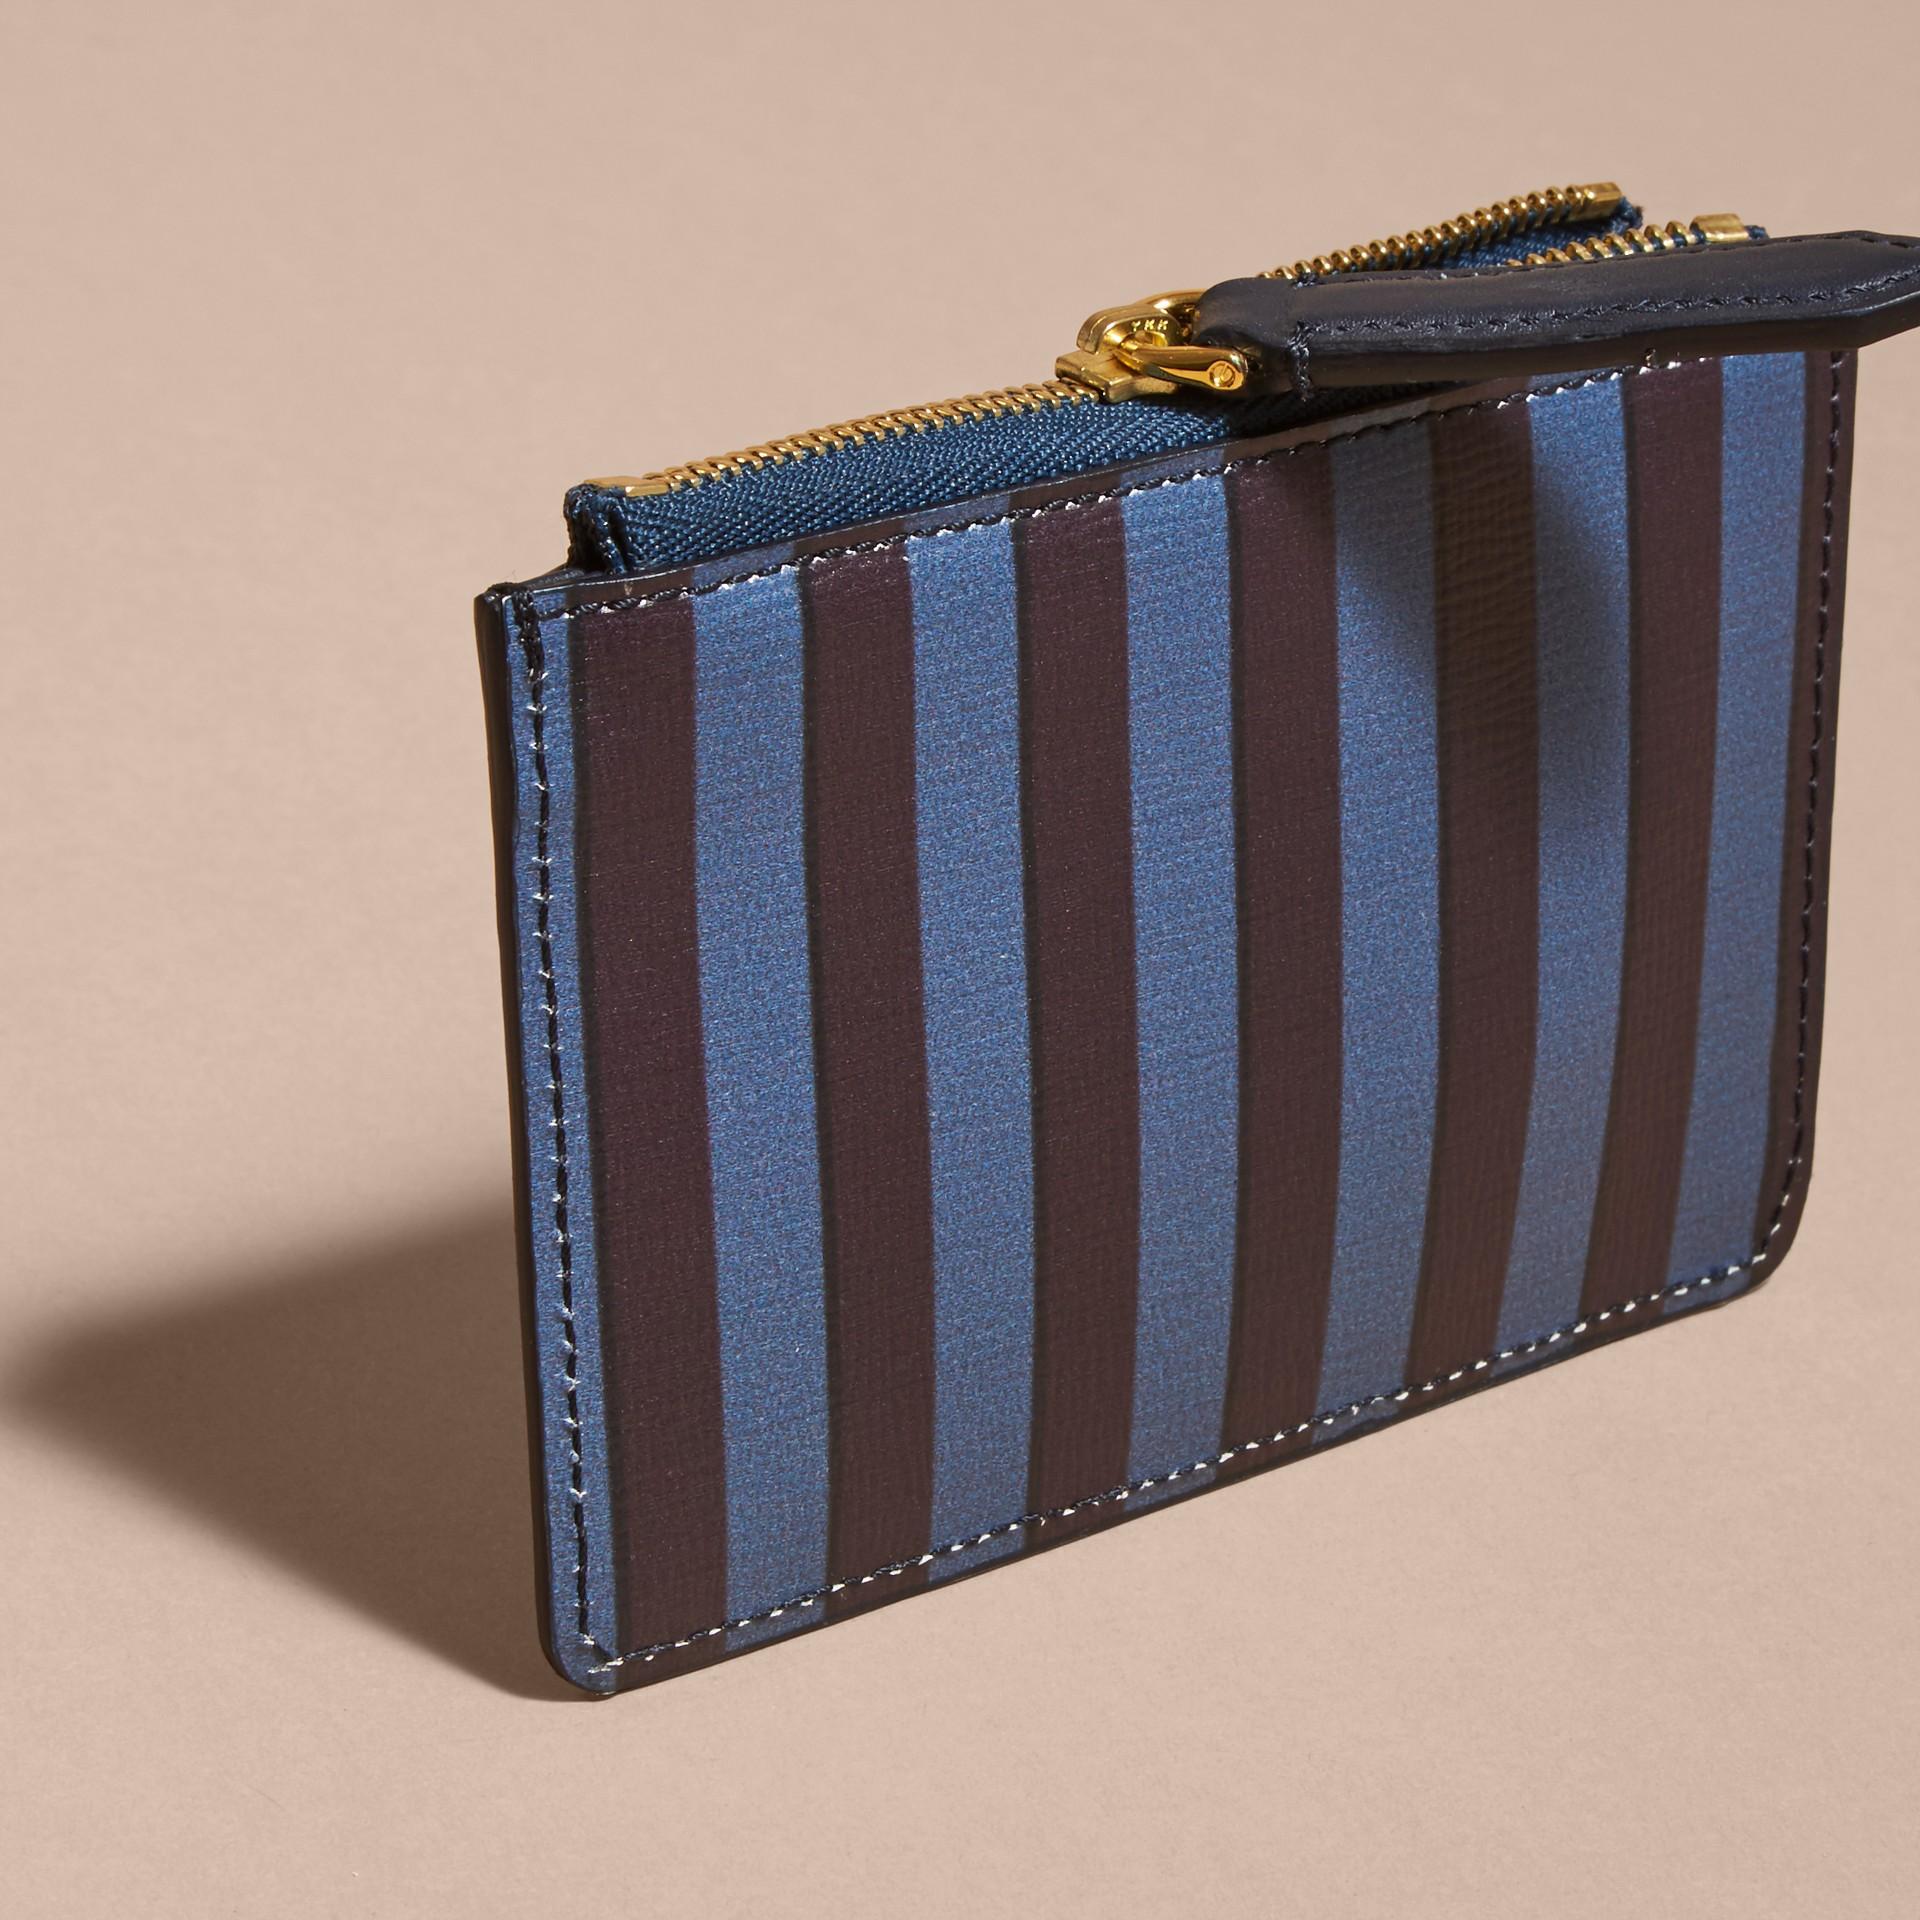 Brieftasche aus London-Leder mit Pyjamastreifenmuster und Reißverschluss - Galerie-Bild 4